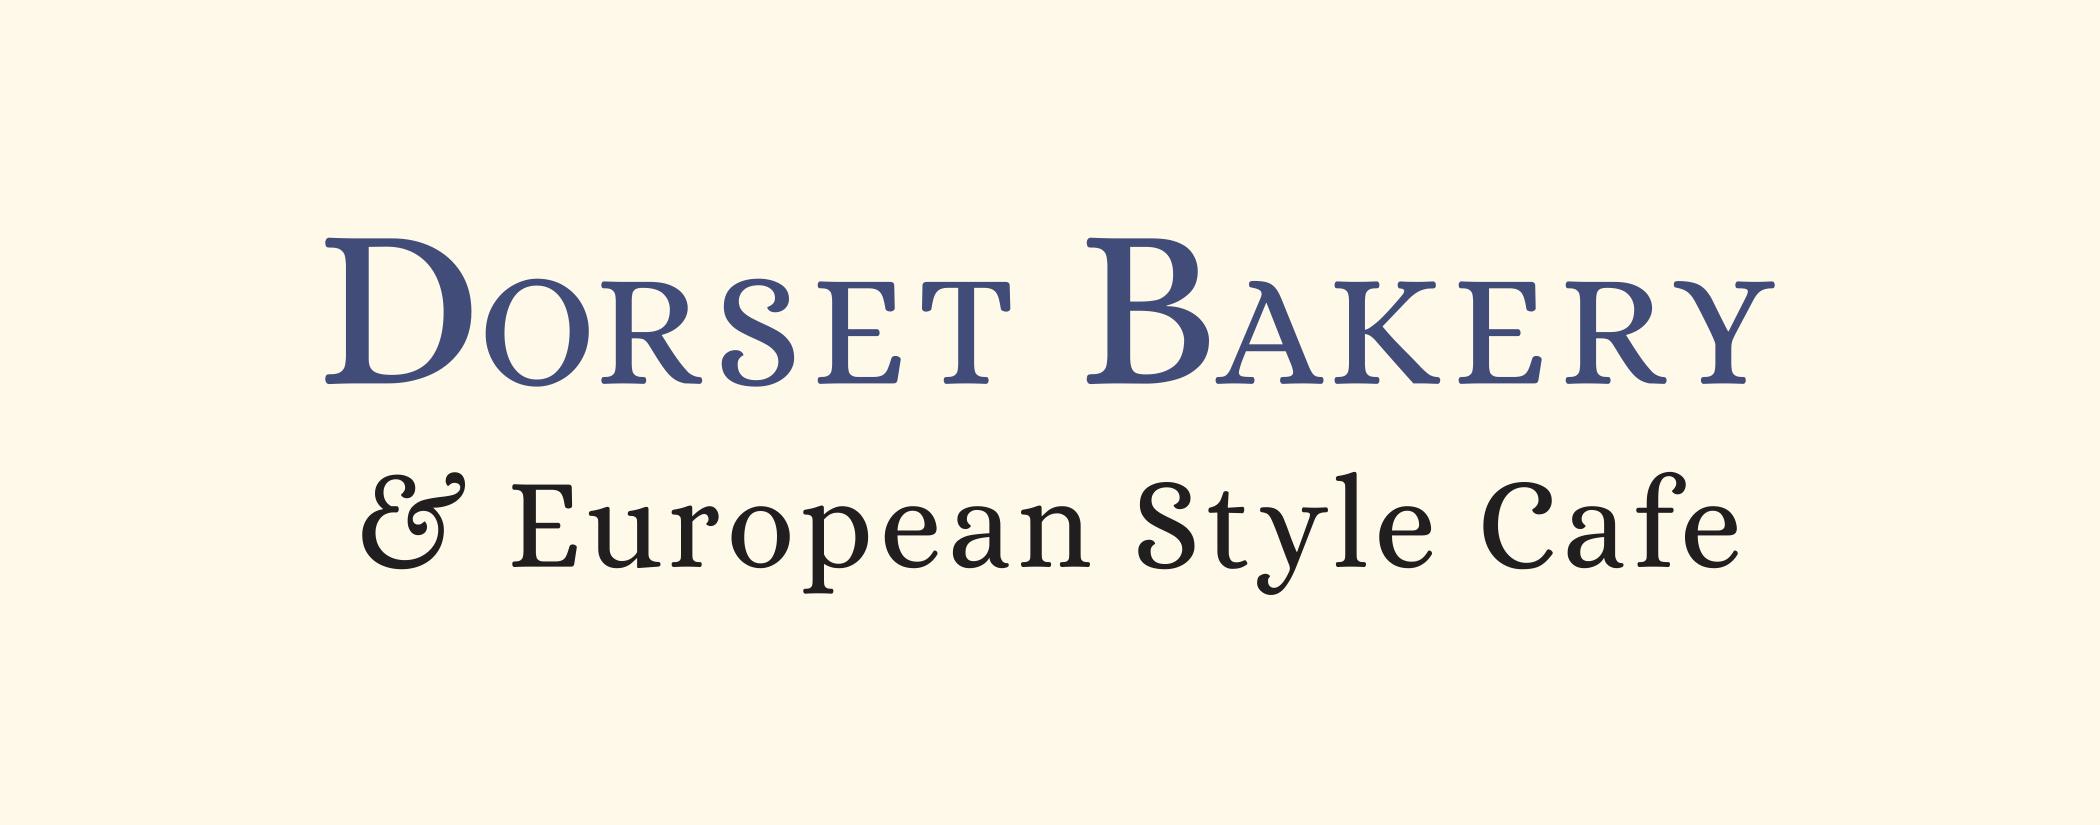 Dorset Bakery new logo.jpg